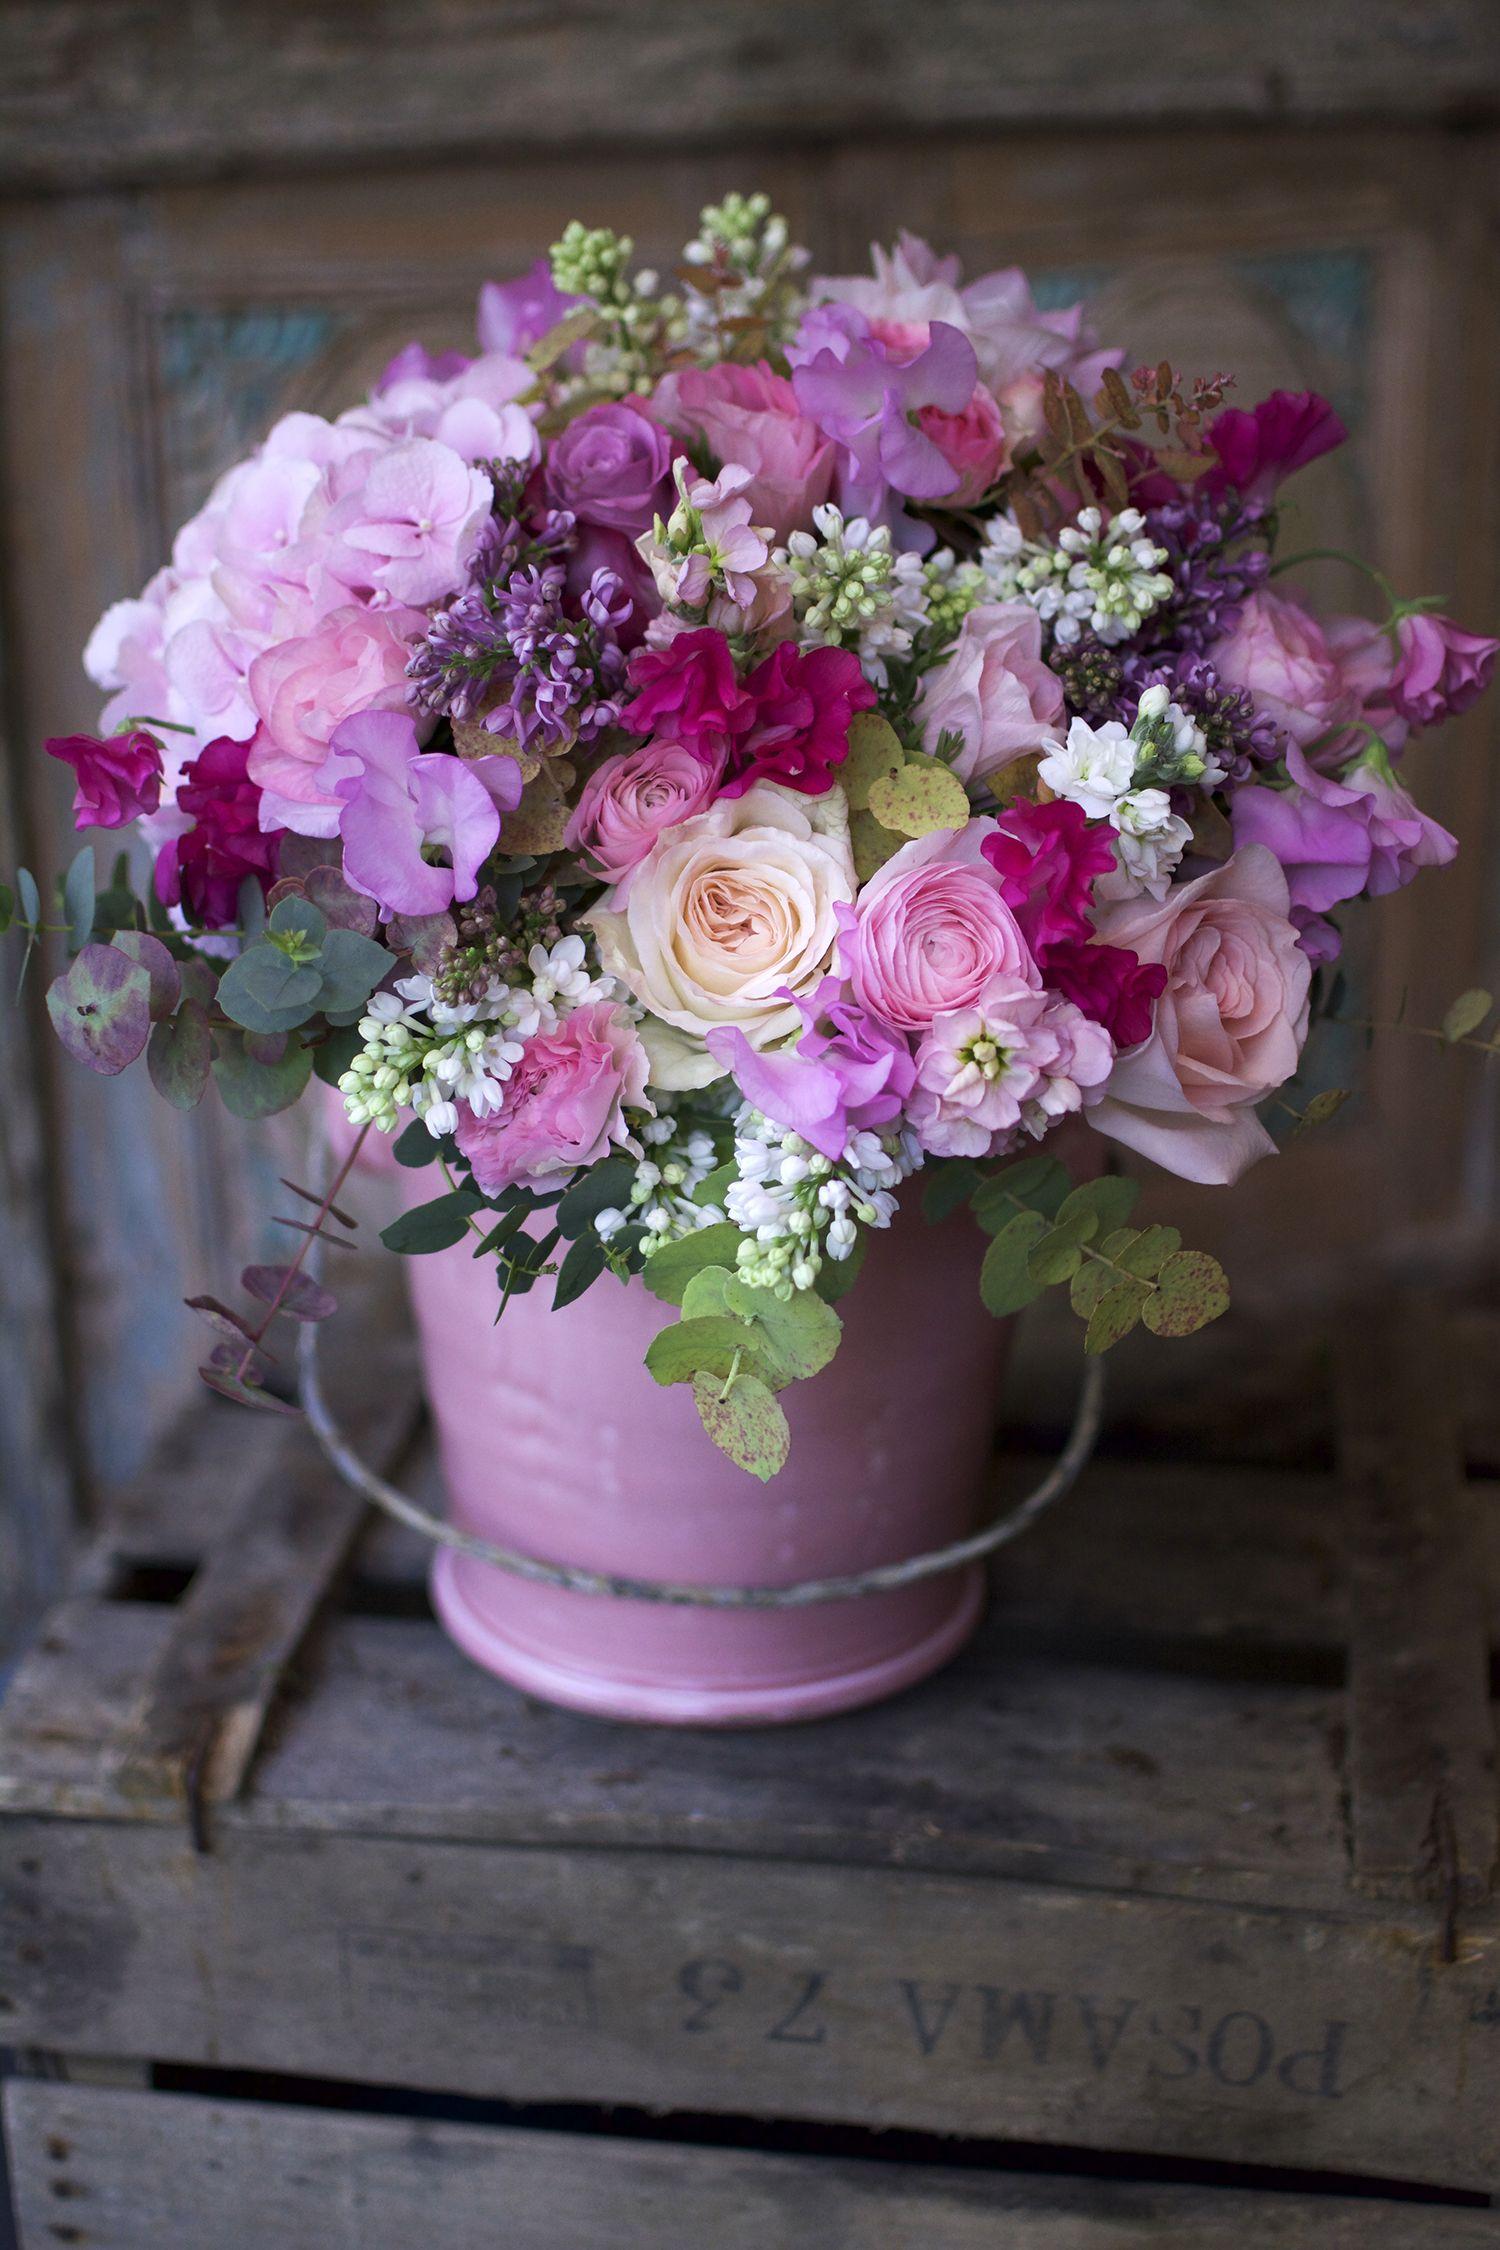 Superbe Belle Harmonie De Couleurs Dans Les Camaïeux Rose Parme Violet 1 Très Beau Bouquet